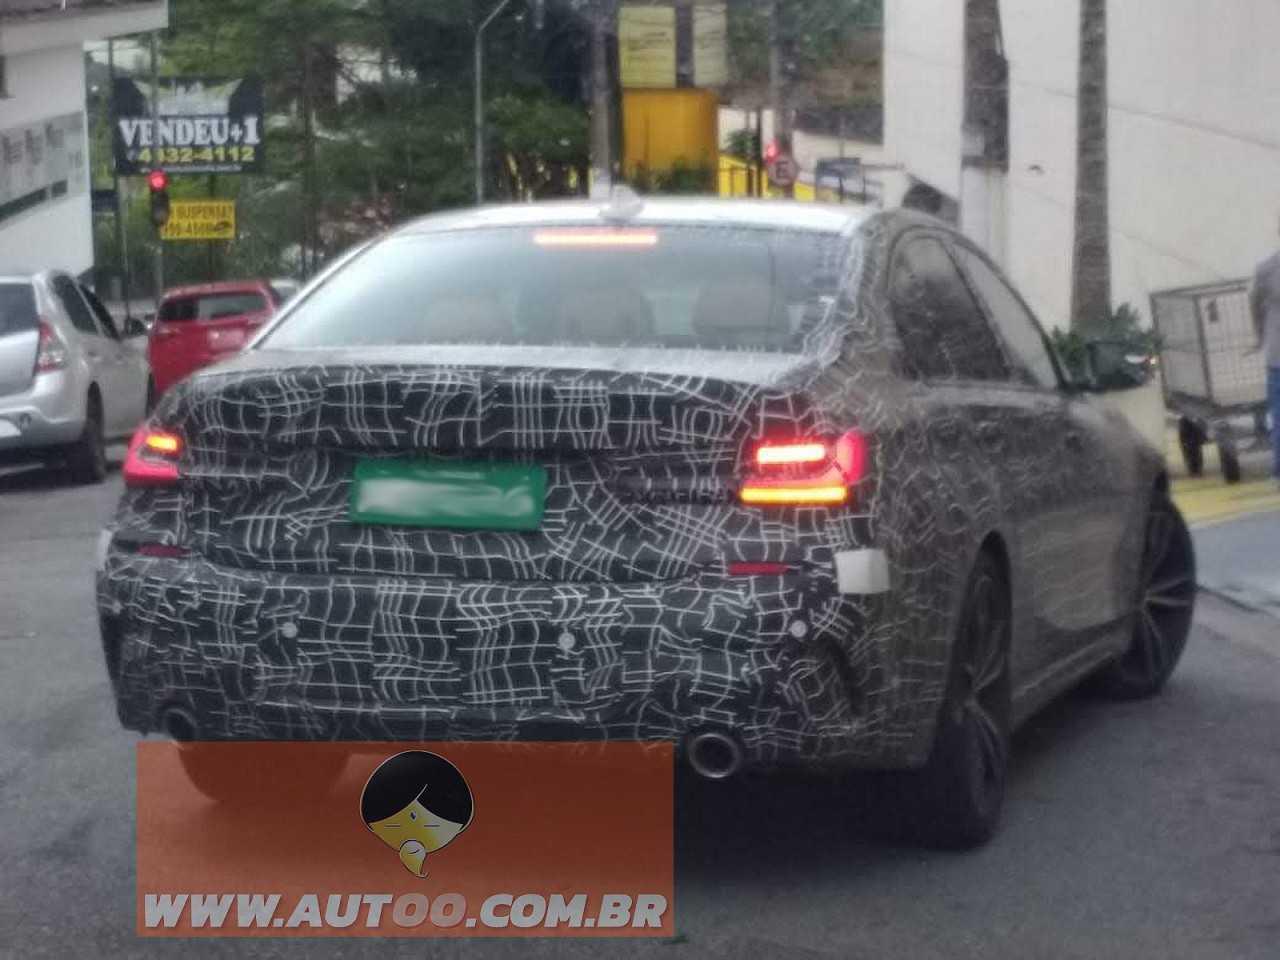 Flagra do novo BMW Série 3 em testes no Brasil realizado pela equipe Autoo